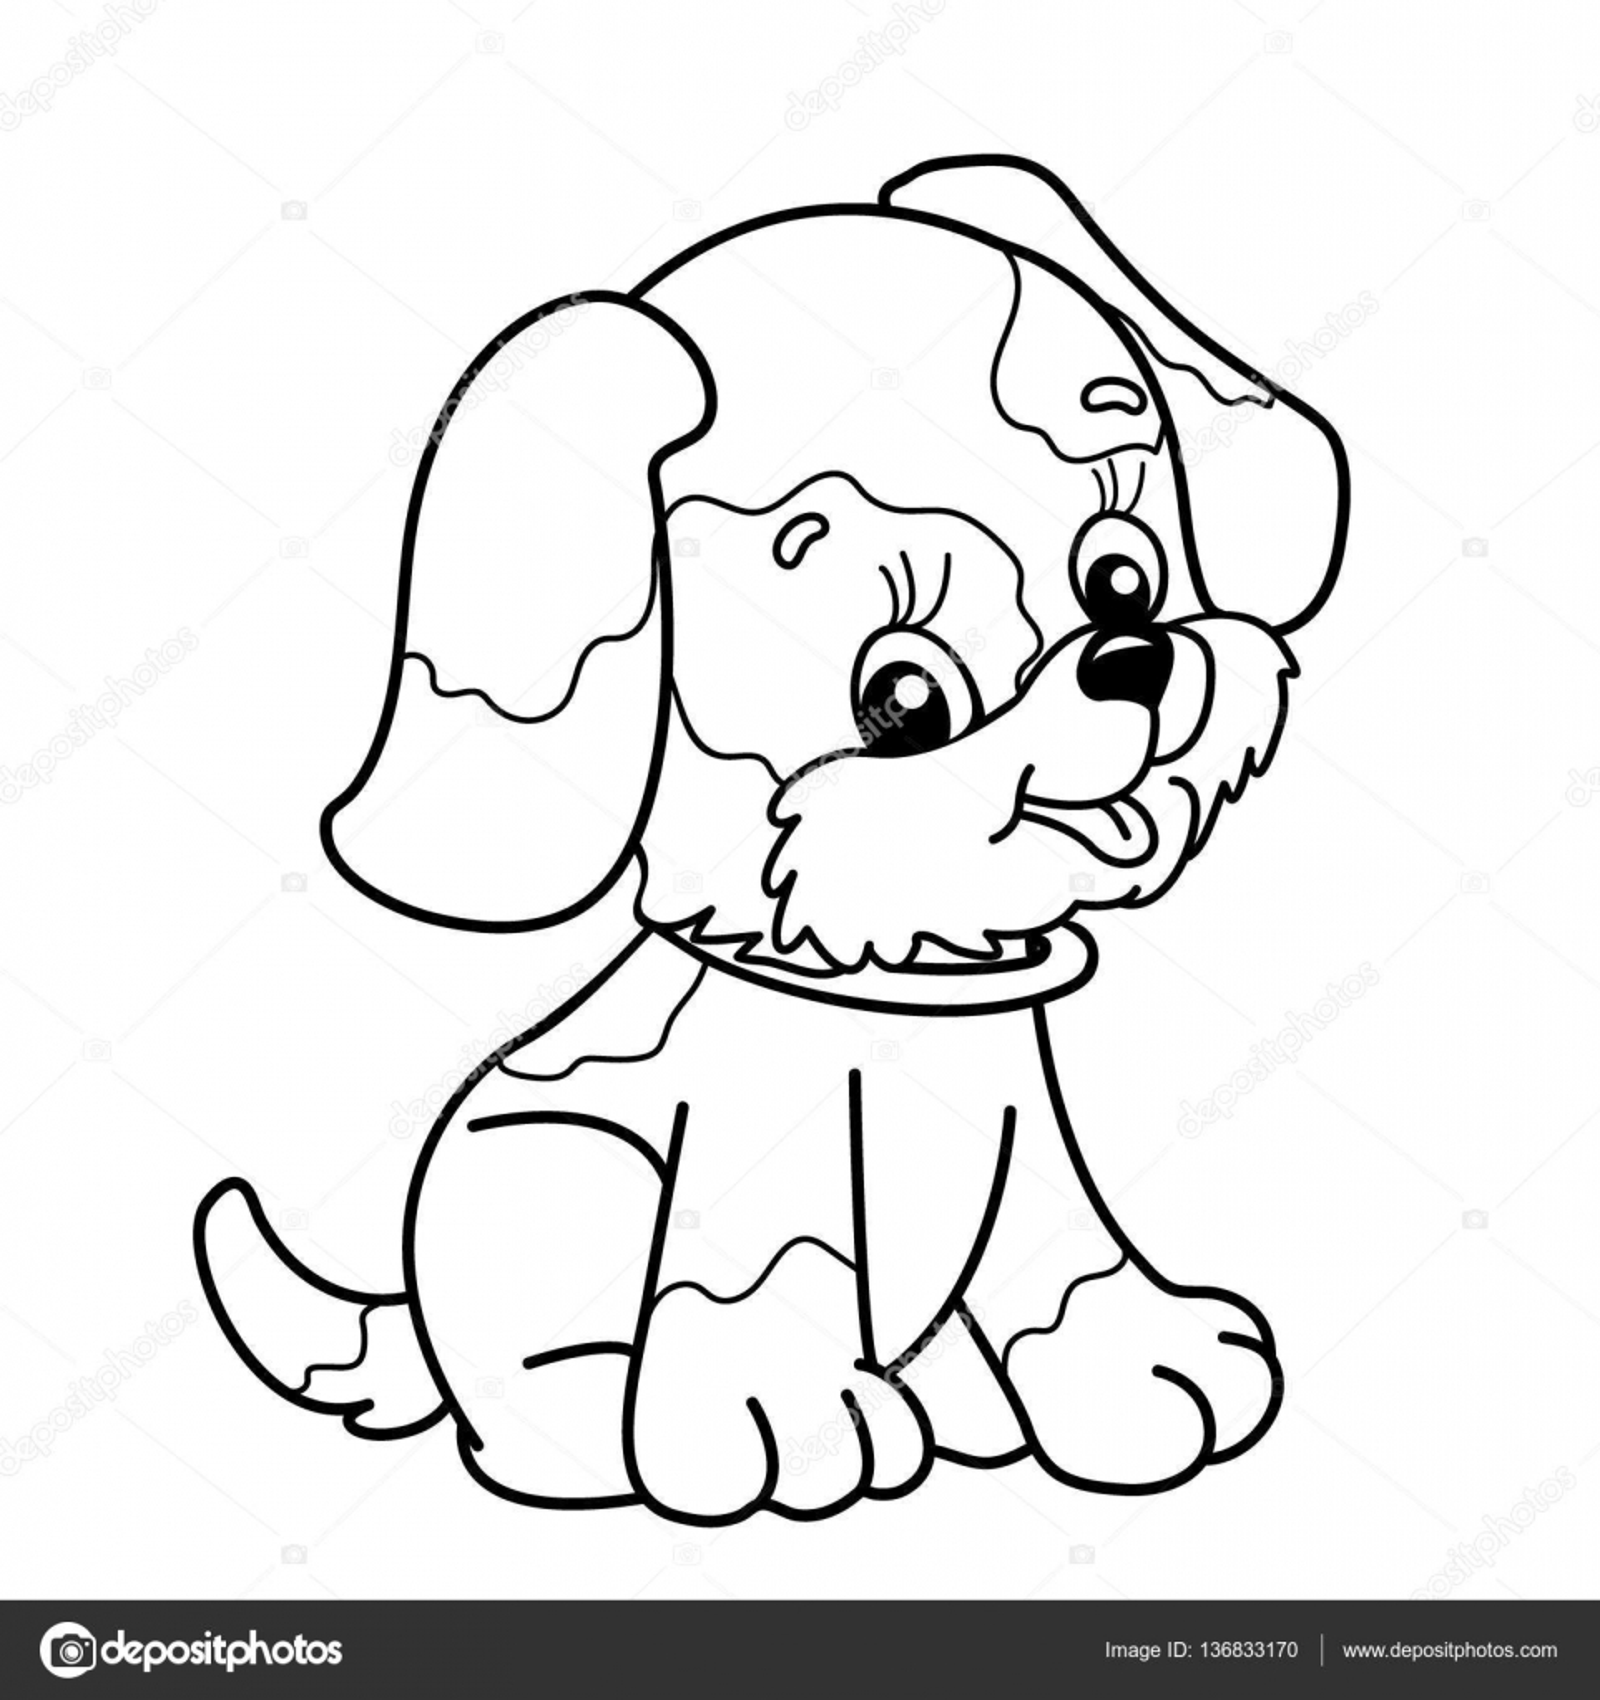 kleurplaat pagina overzicht de hond de